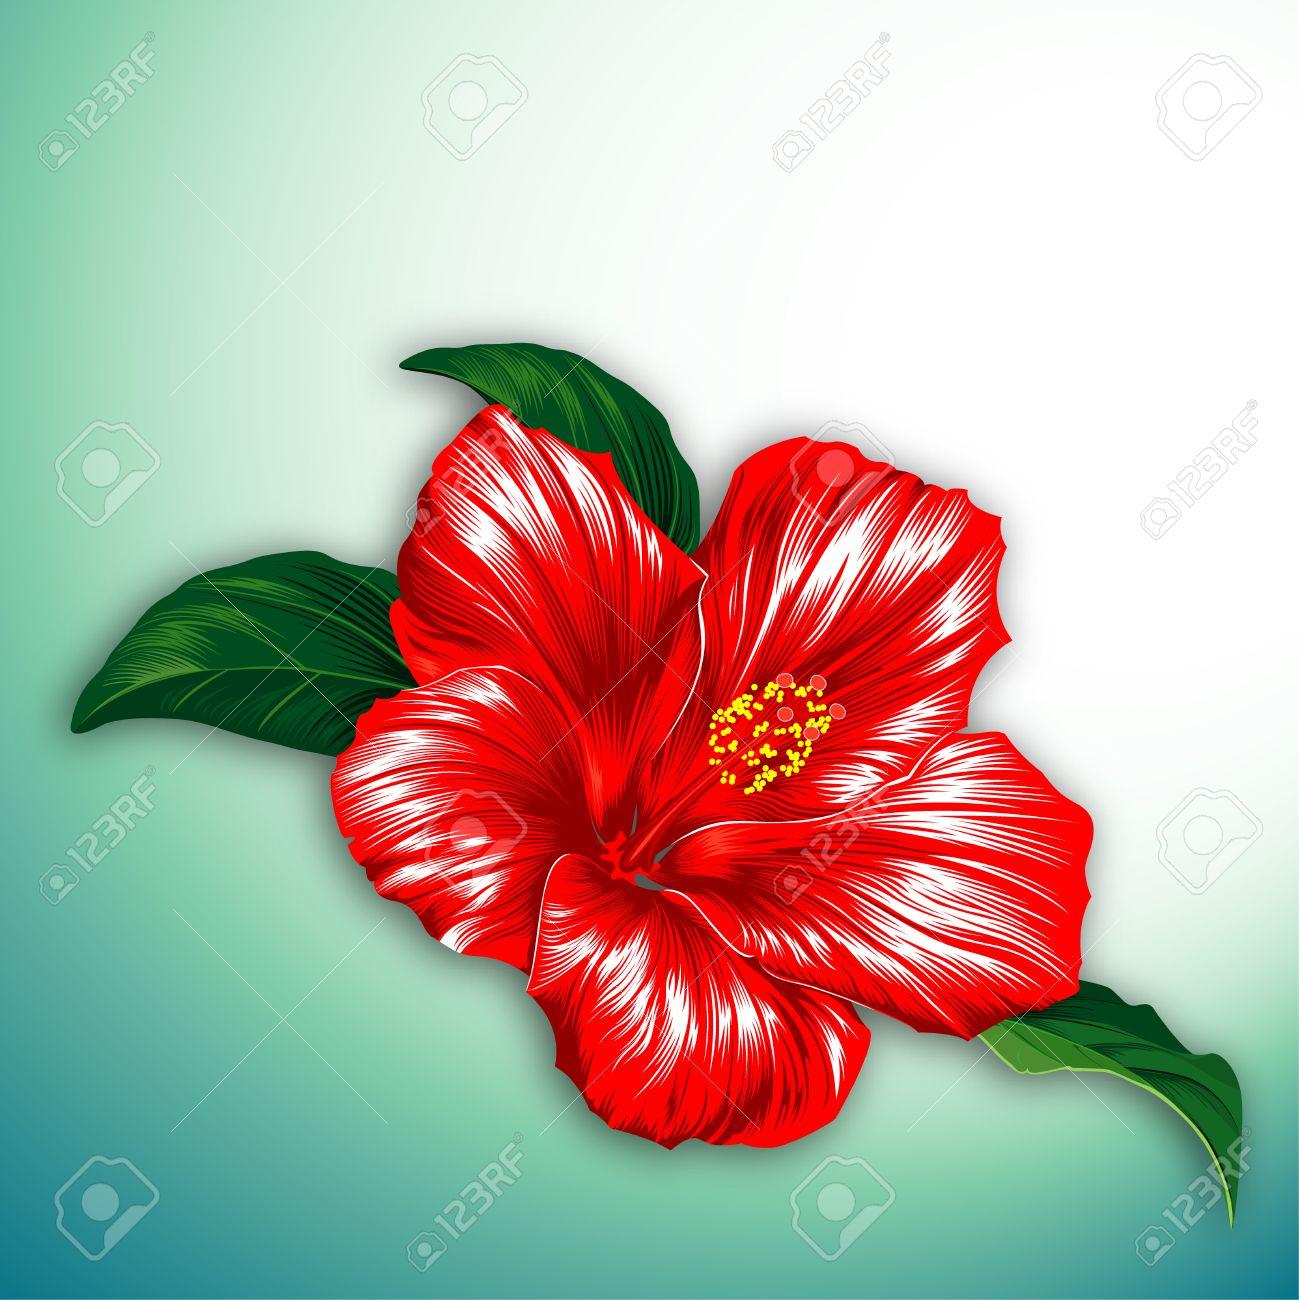 dessin fleur hawaienne banque d'images, vecteurs et illustrations